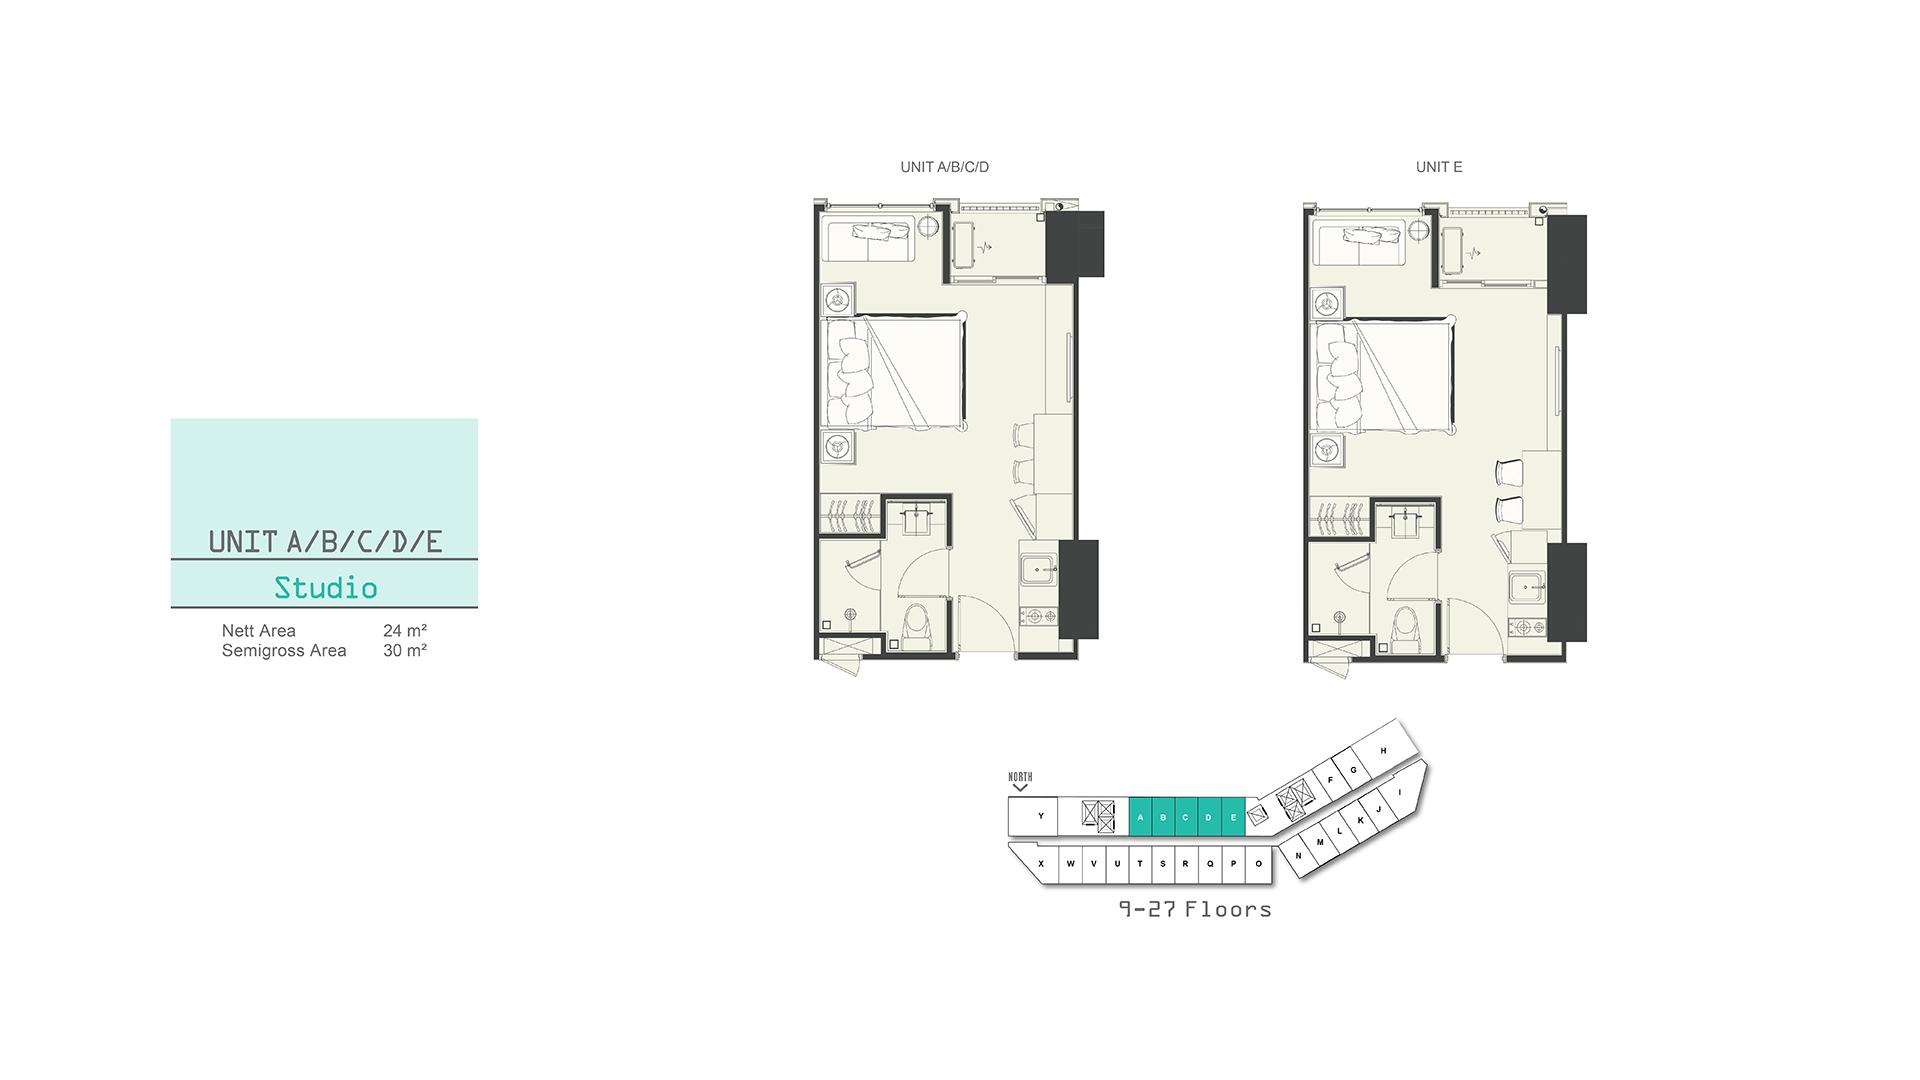 Southgate Studio A (A,B,C,D,E,F,G)